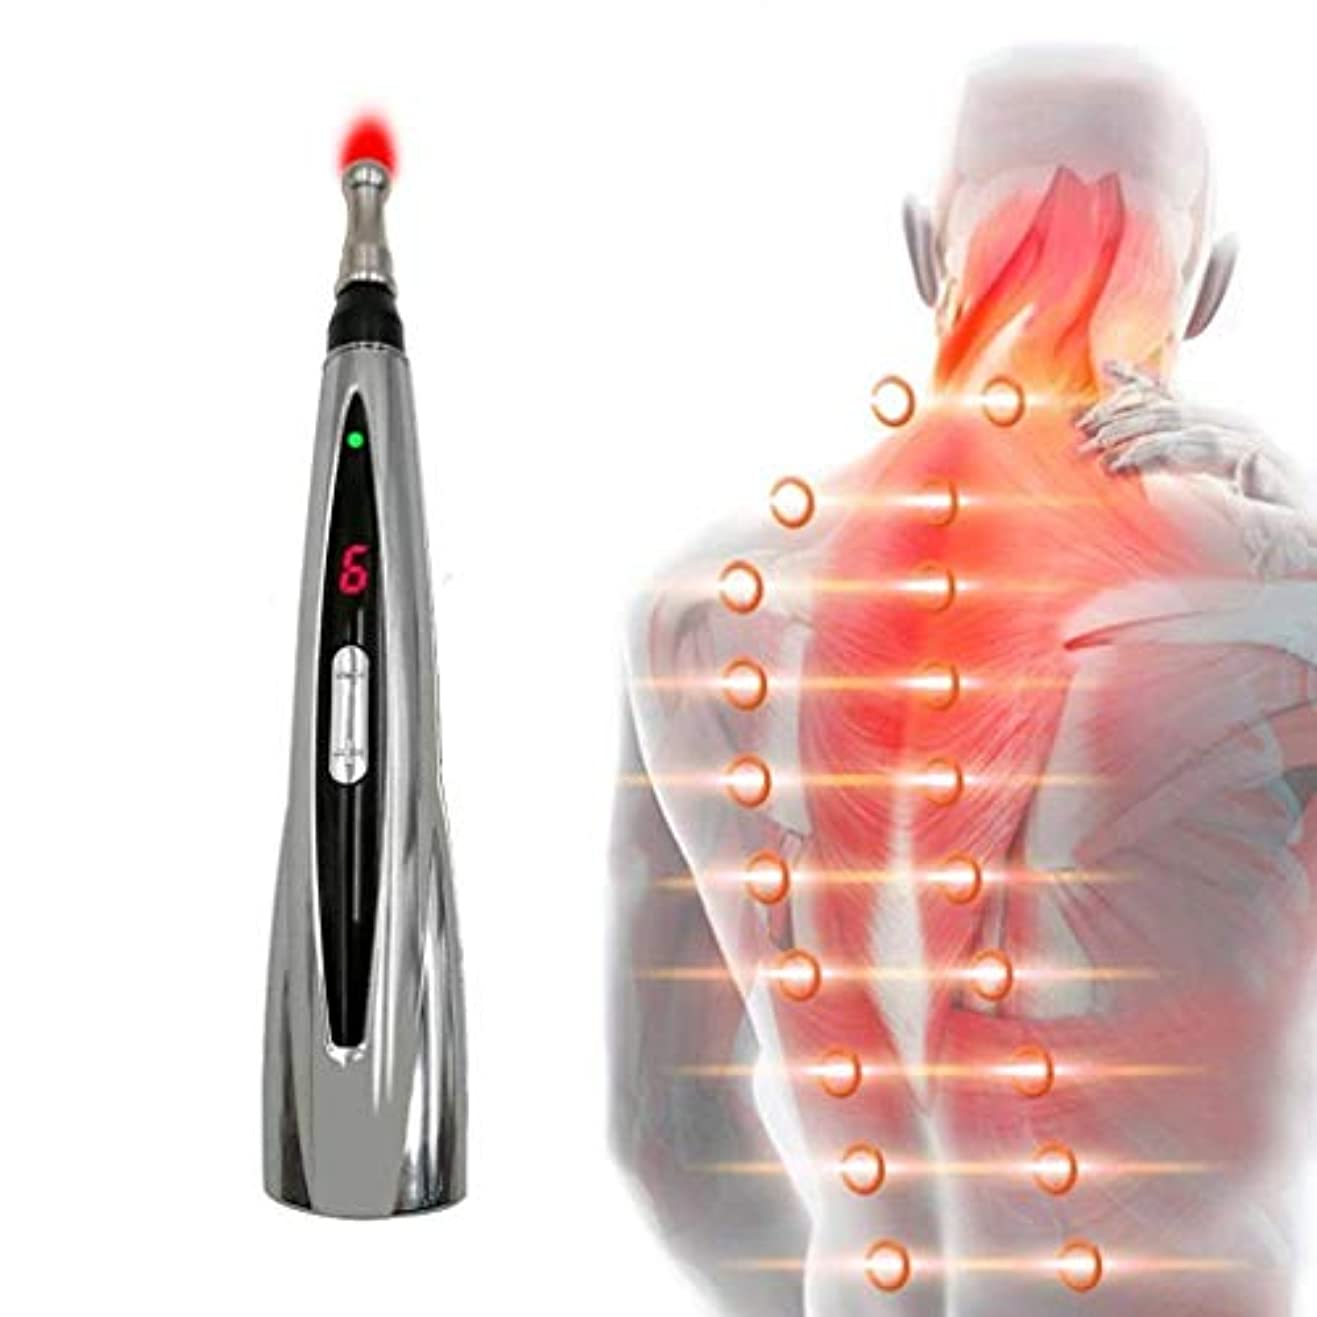 相対性理論刈る有利鍼治療ペン、エネルギーパルス指圧スティック、ホームマッサージャー、経絡edge器、電子鍼治療ペン、痛みを和らげ、ヘルスケア